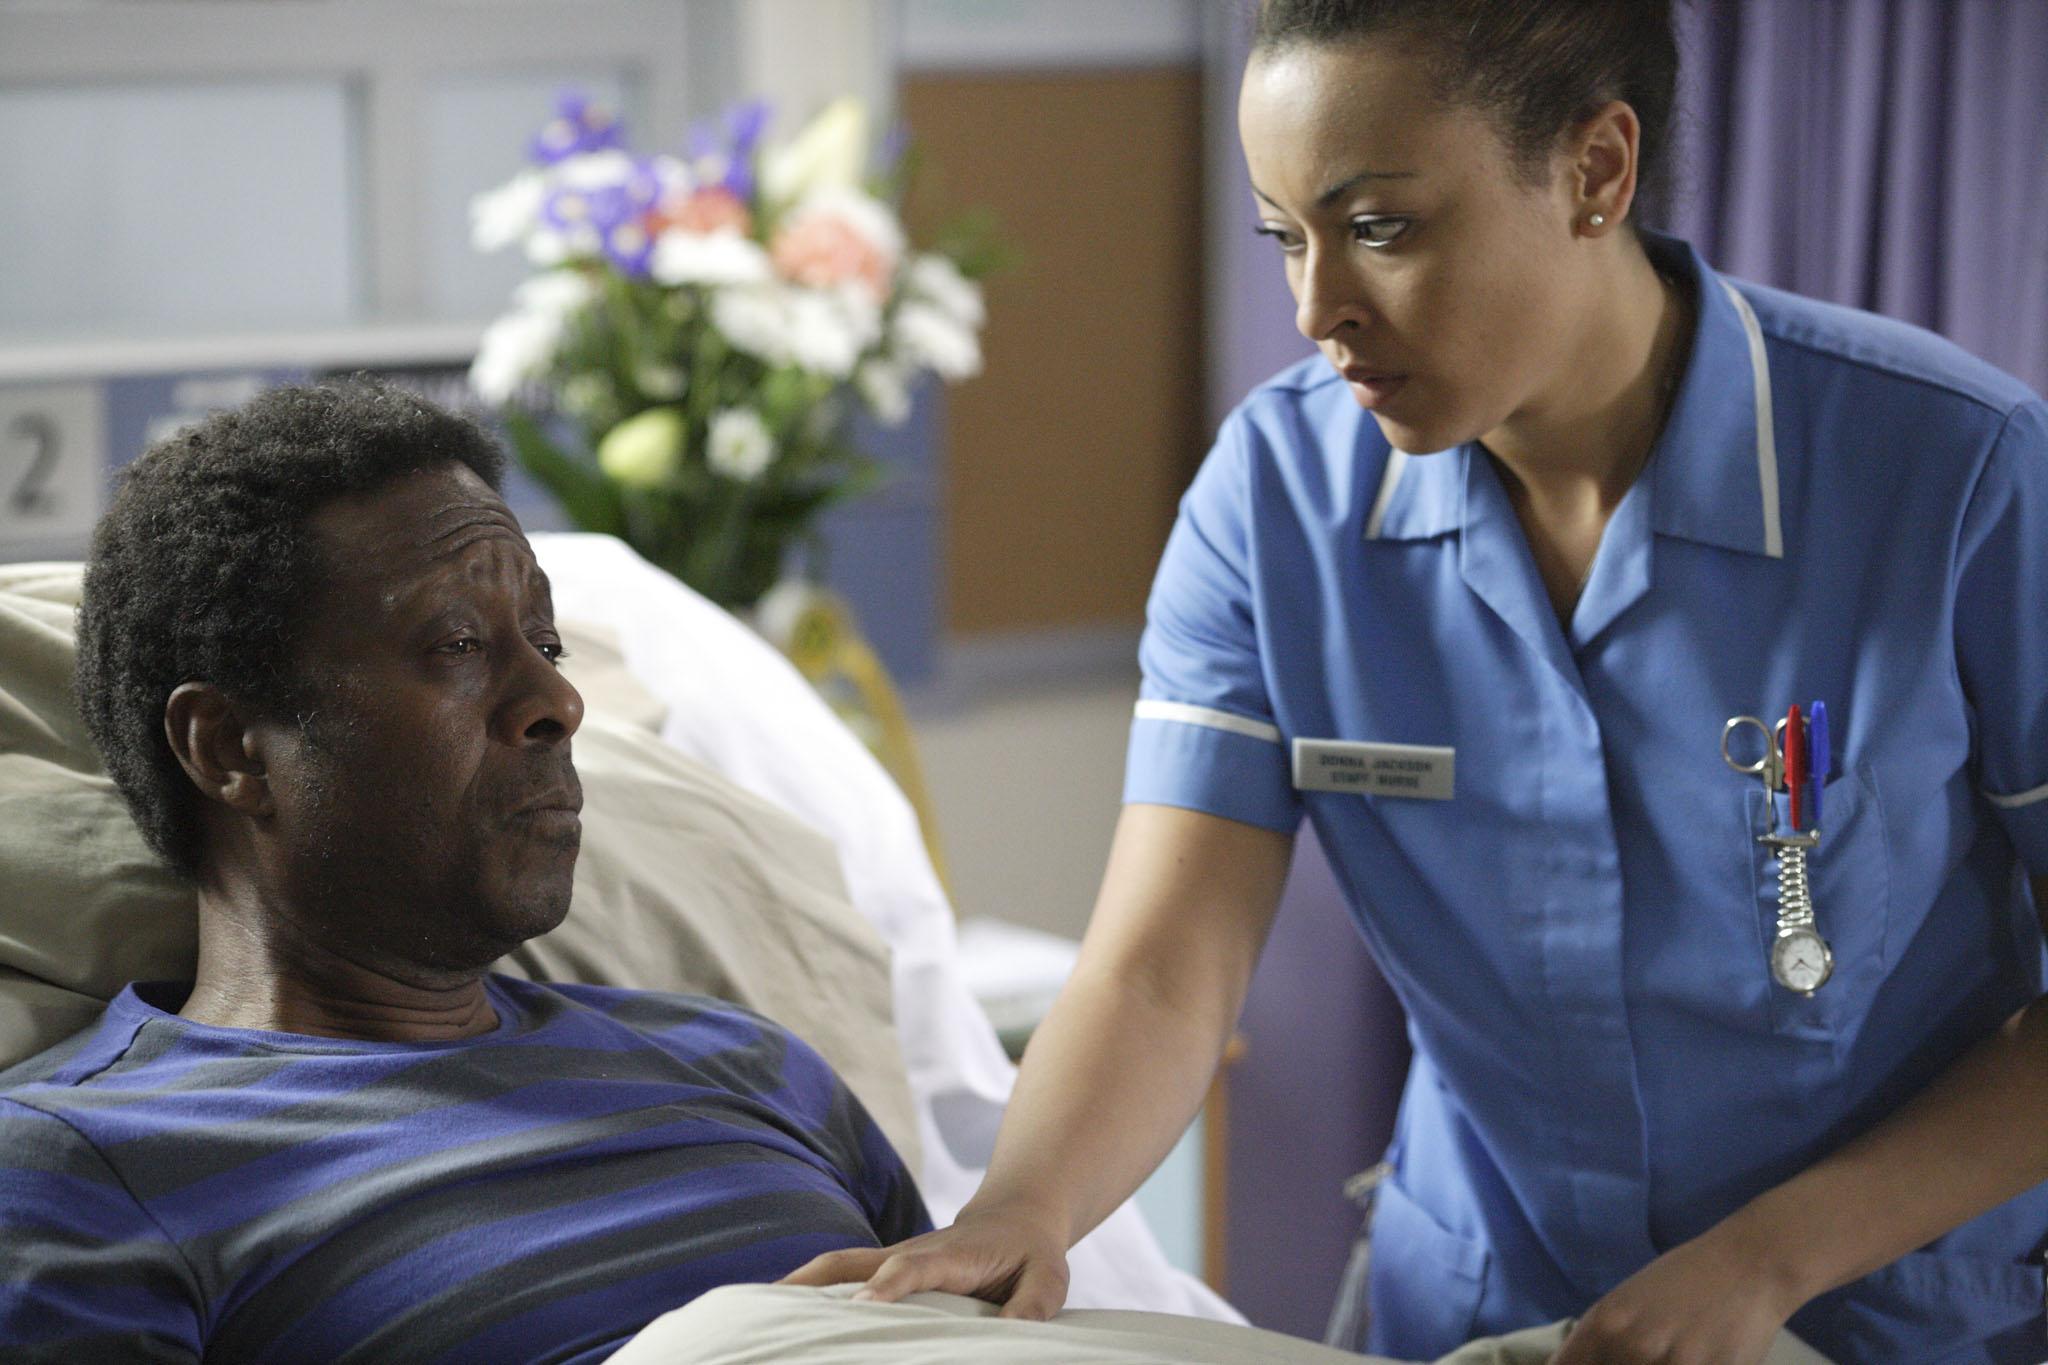 Donna's Bad News: Will her dad die?